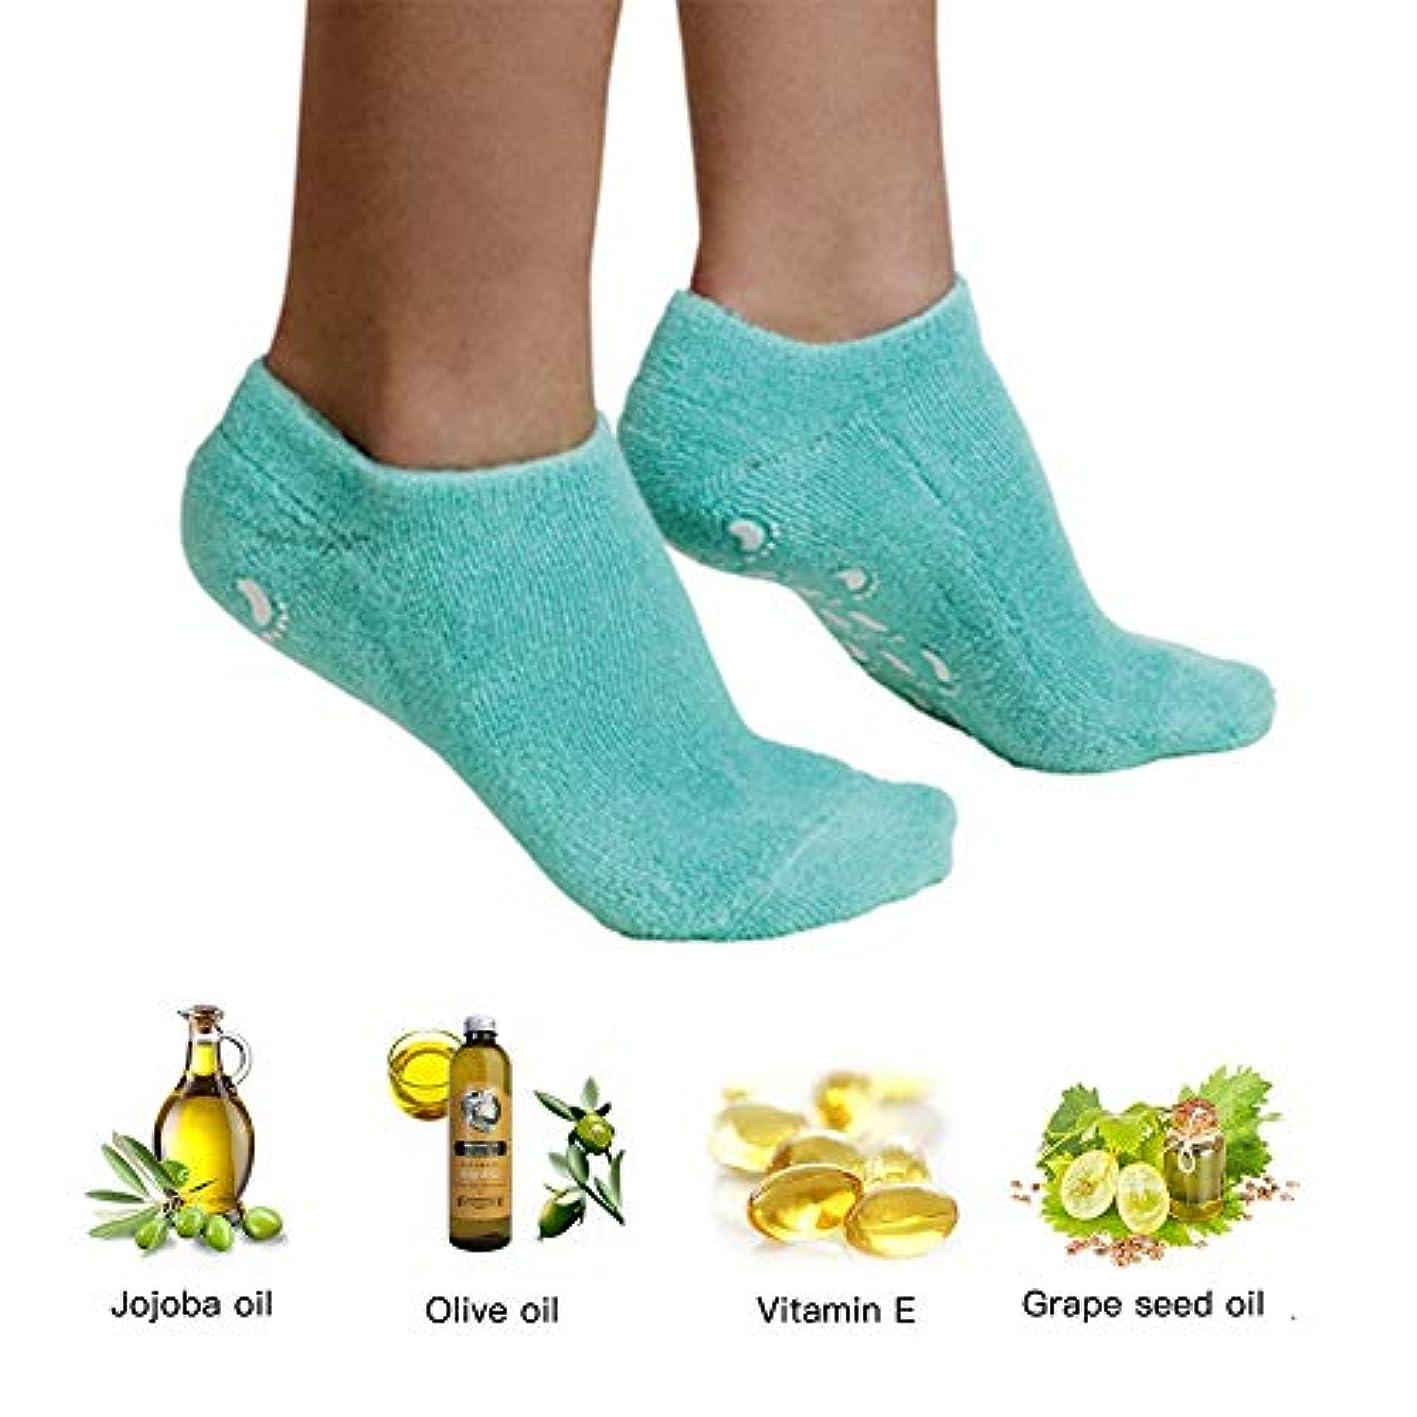 かろうじて専門化する荒涼としたエッセンシャルオイルジェル美容保護手袋ソックスフットカバー男性と女性のかかとフルフットシリコーン保湿白い抗クラッキングソックス,1PCS